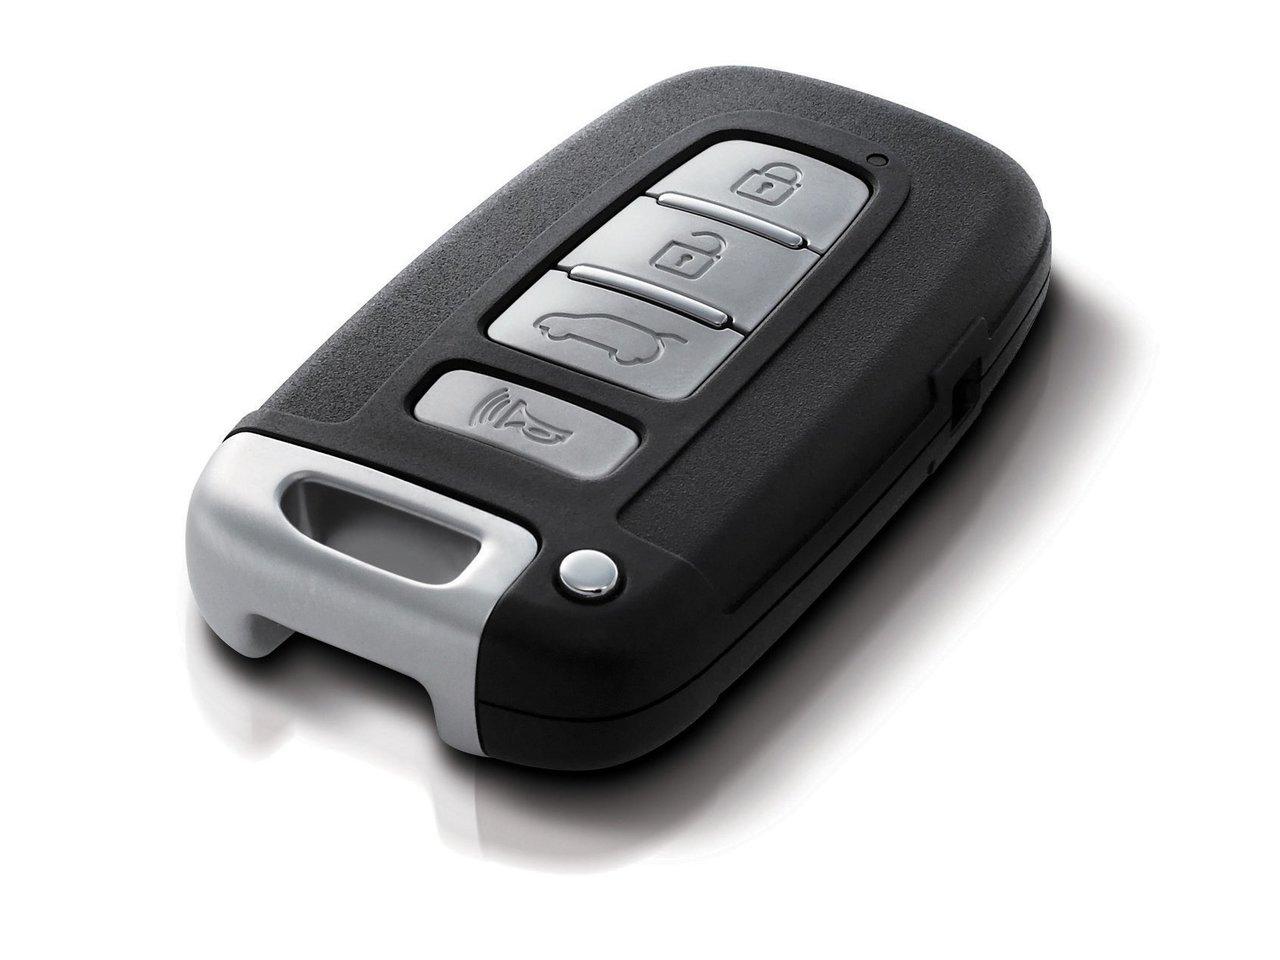 Hyundai ix35 перестал реагировать на сигналы с брелока